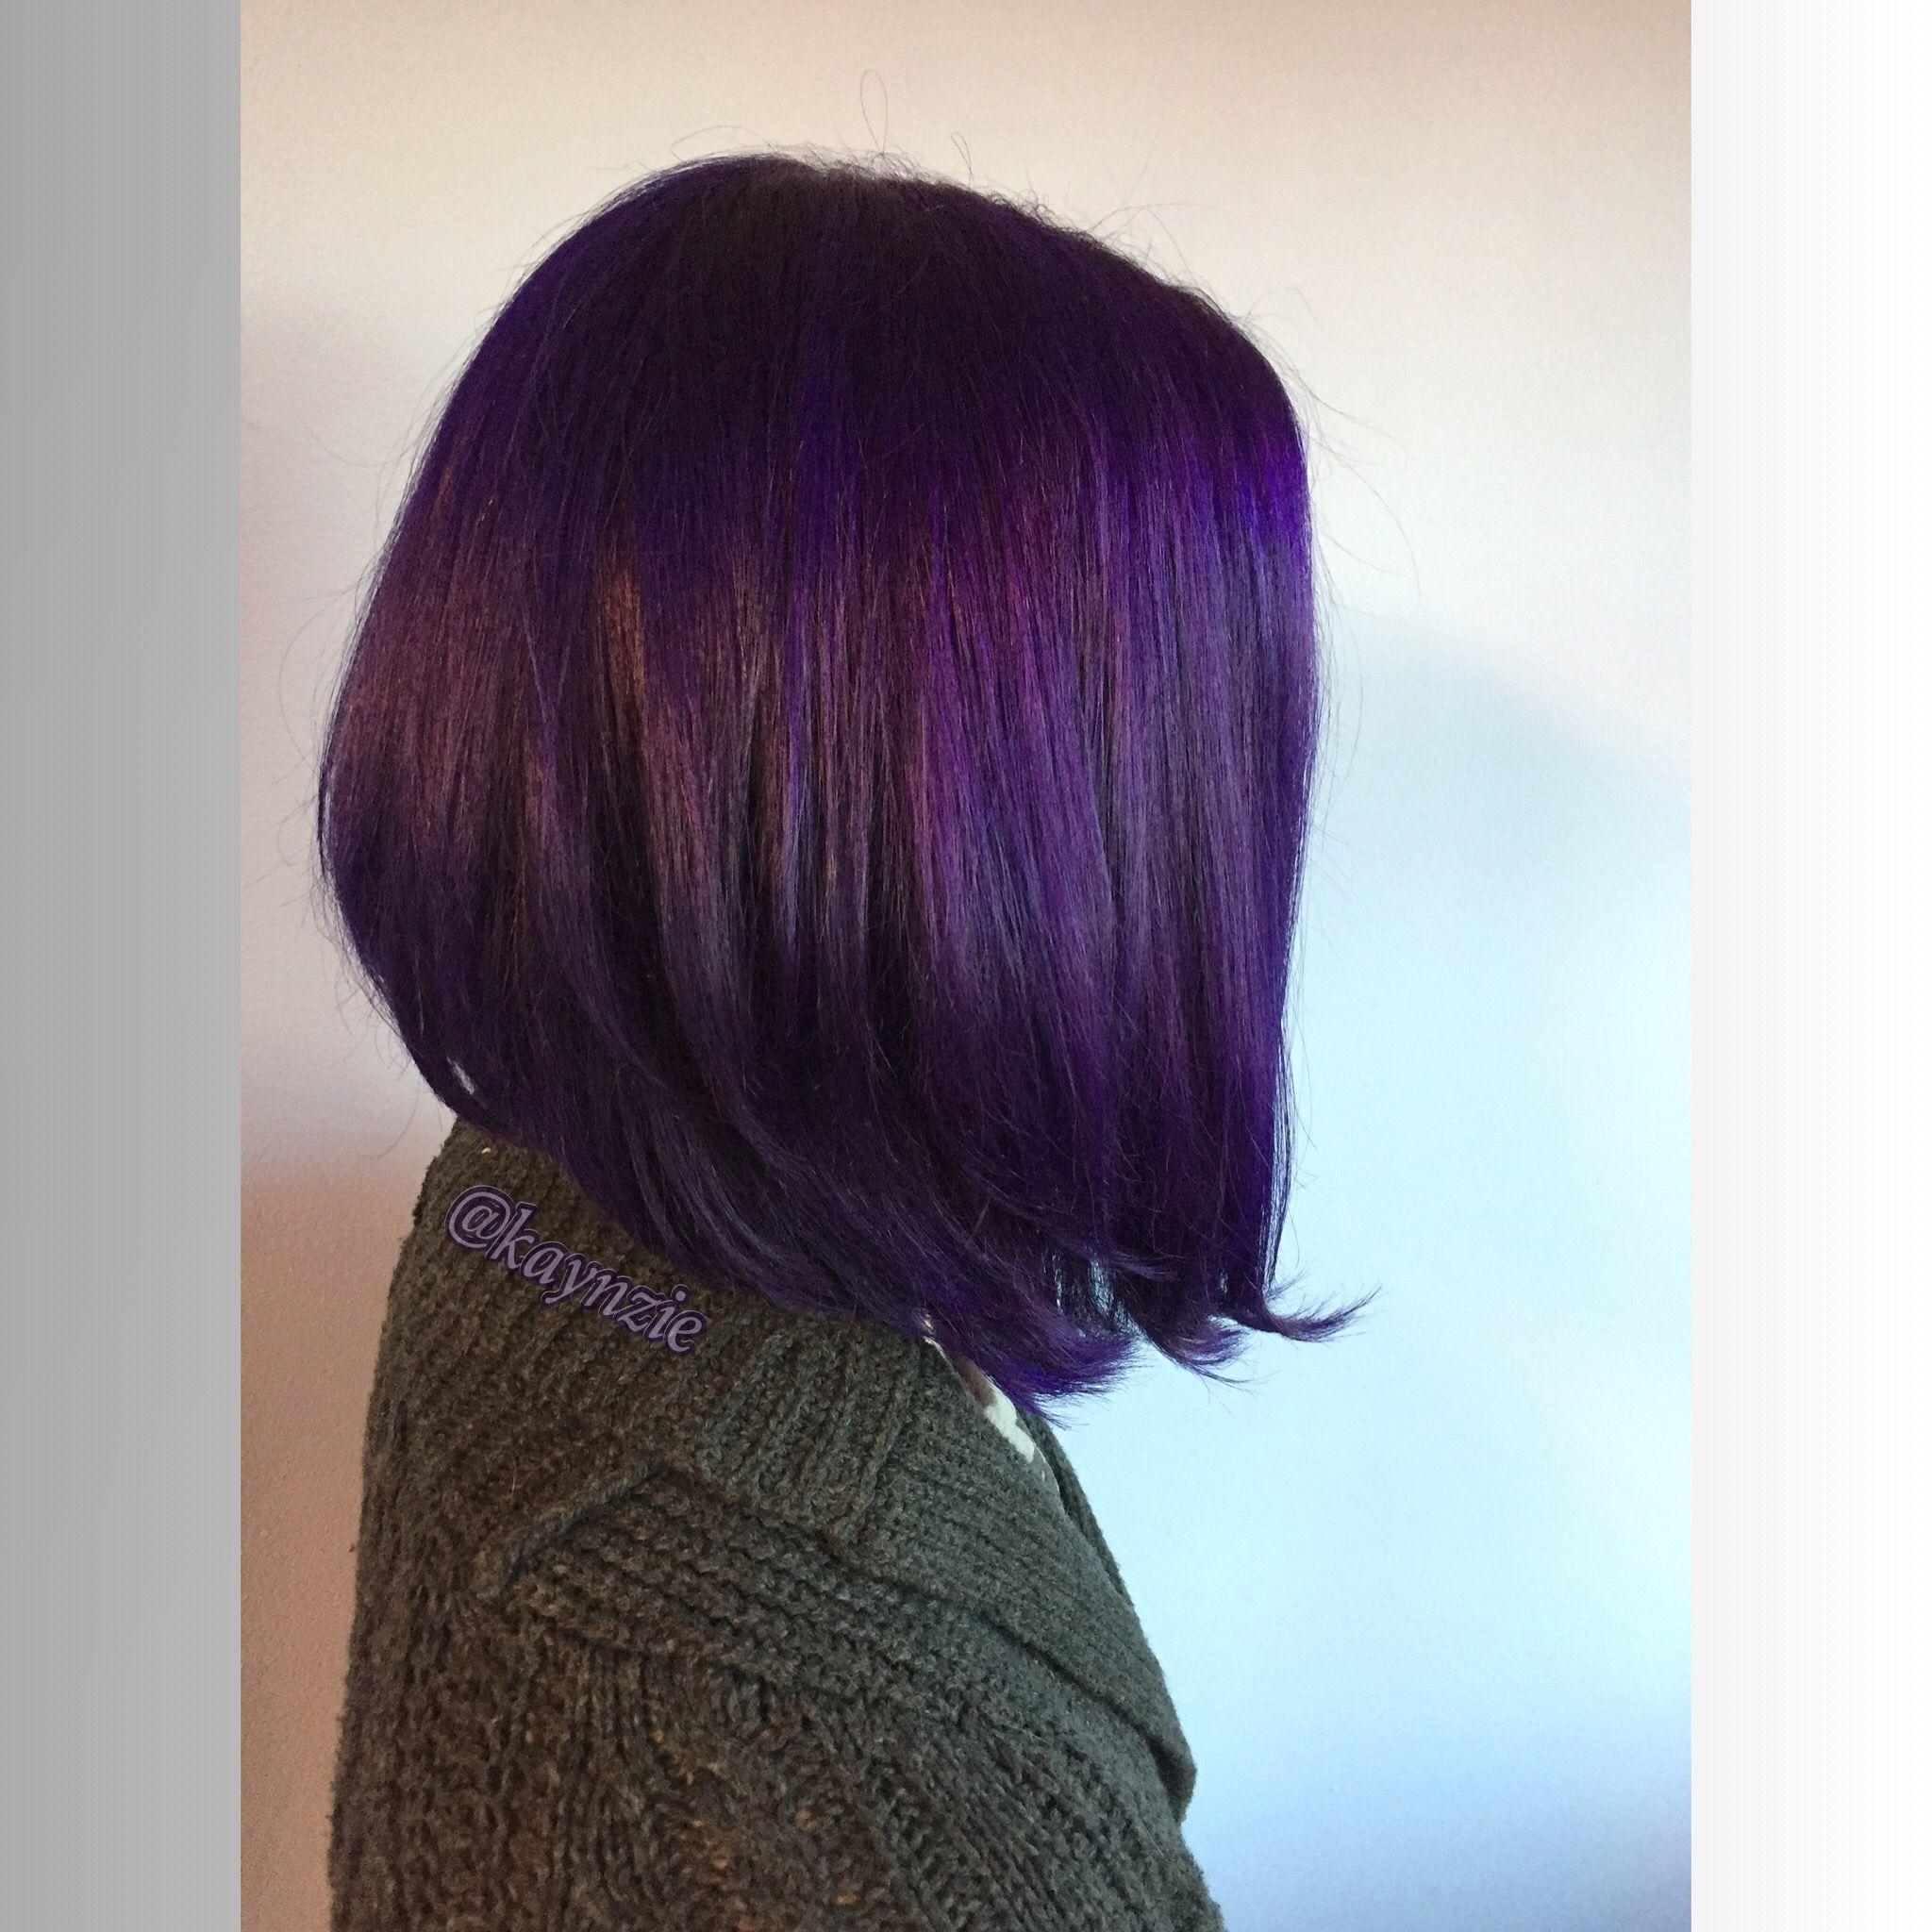 Cute Short Layered Bob Haircut Custom Deep Dark Purple Plum Color Short Layered Bob Hairstyles Short Layered Bob Haircuts Hair Dye Colors